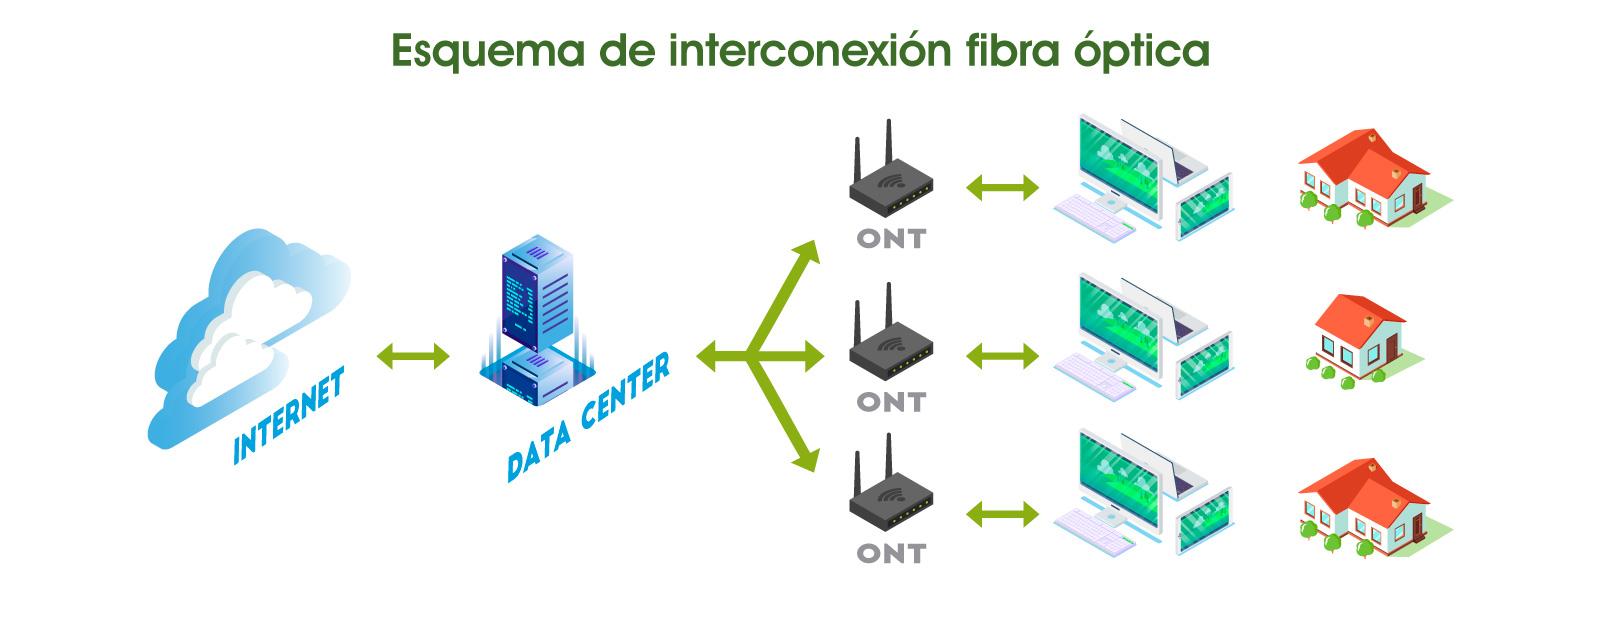 esquema-interconexion-fibra-optica-aya-comunicaciones